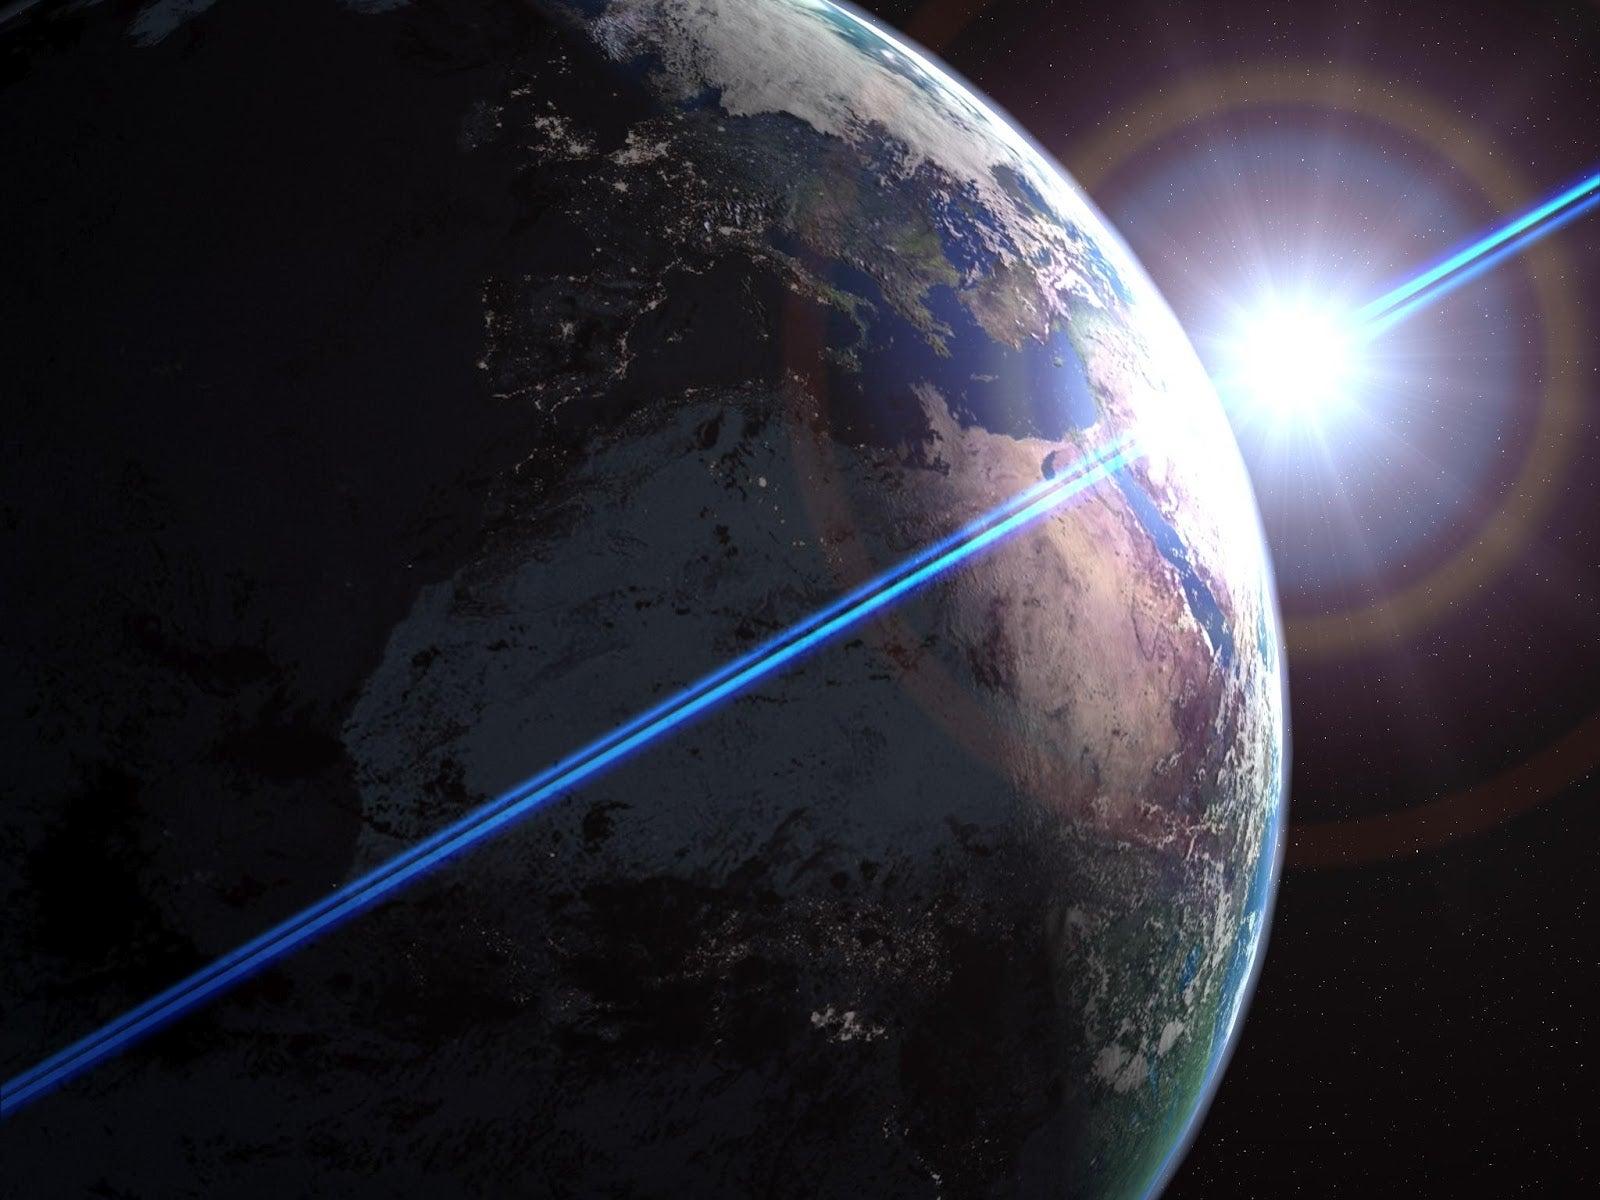 ¿Qué sucedería si la Tierra dejara de girar?